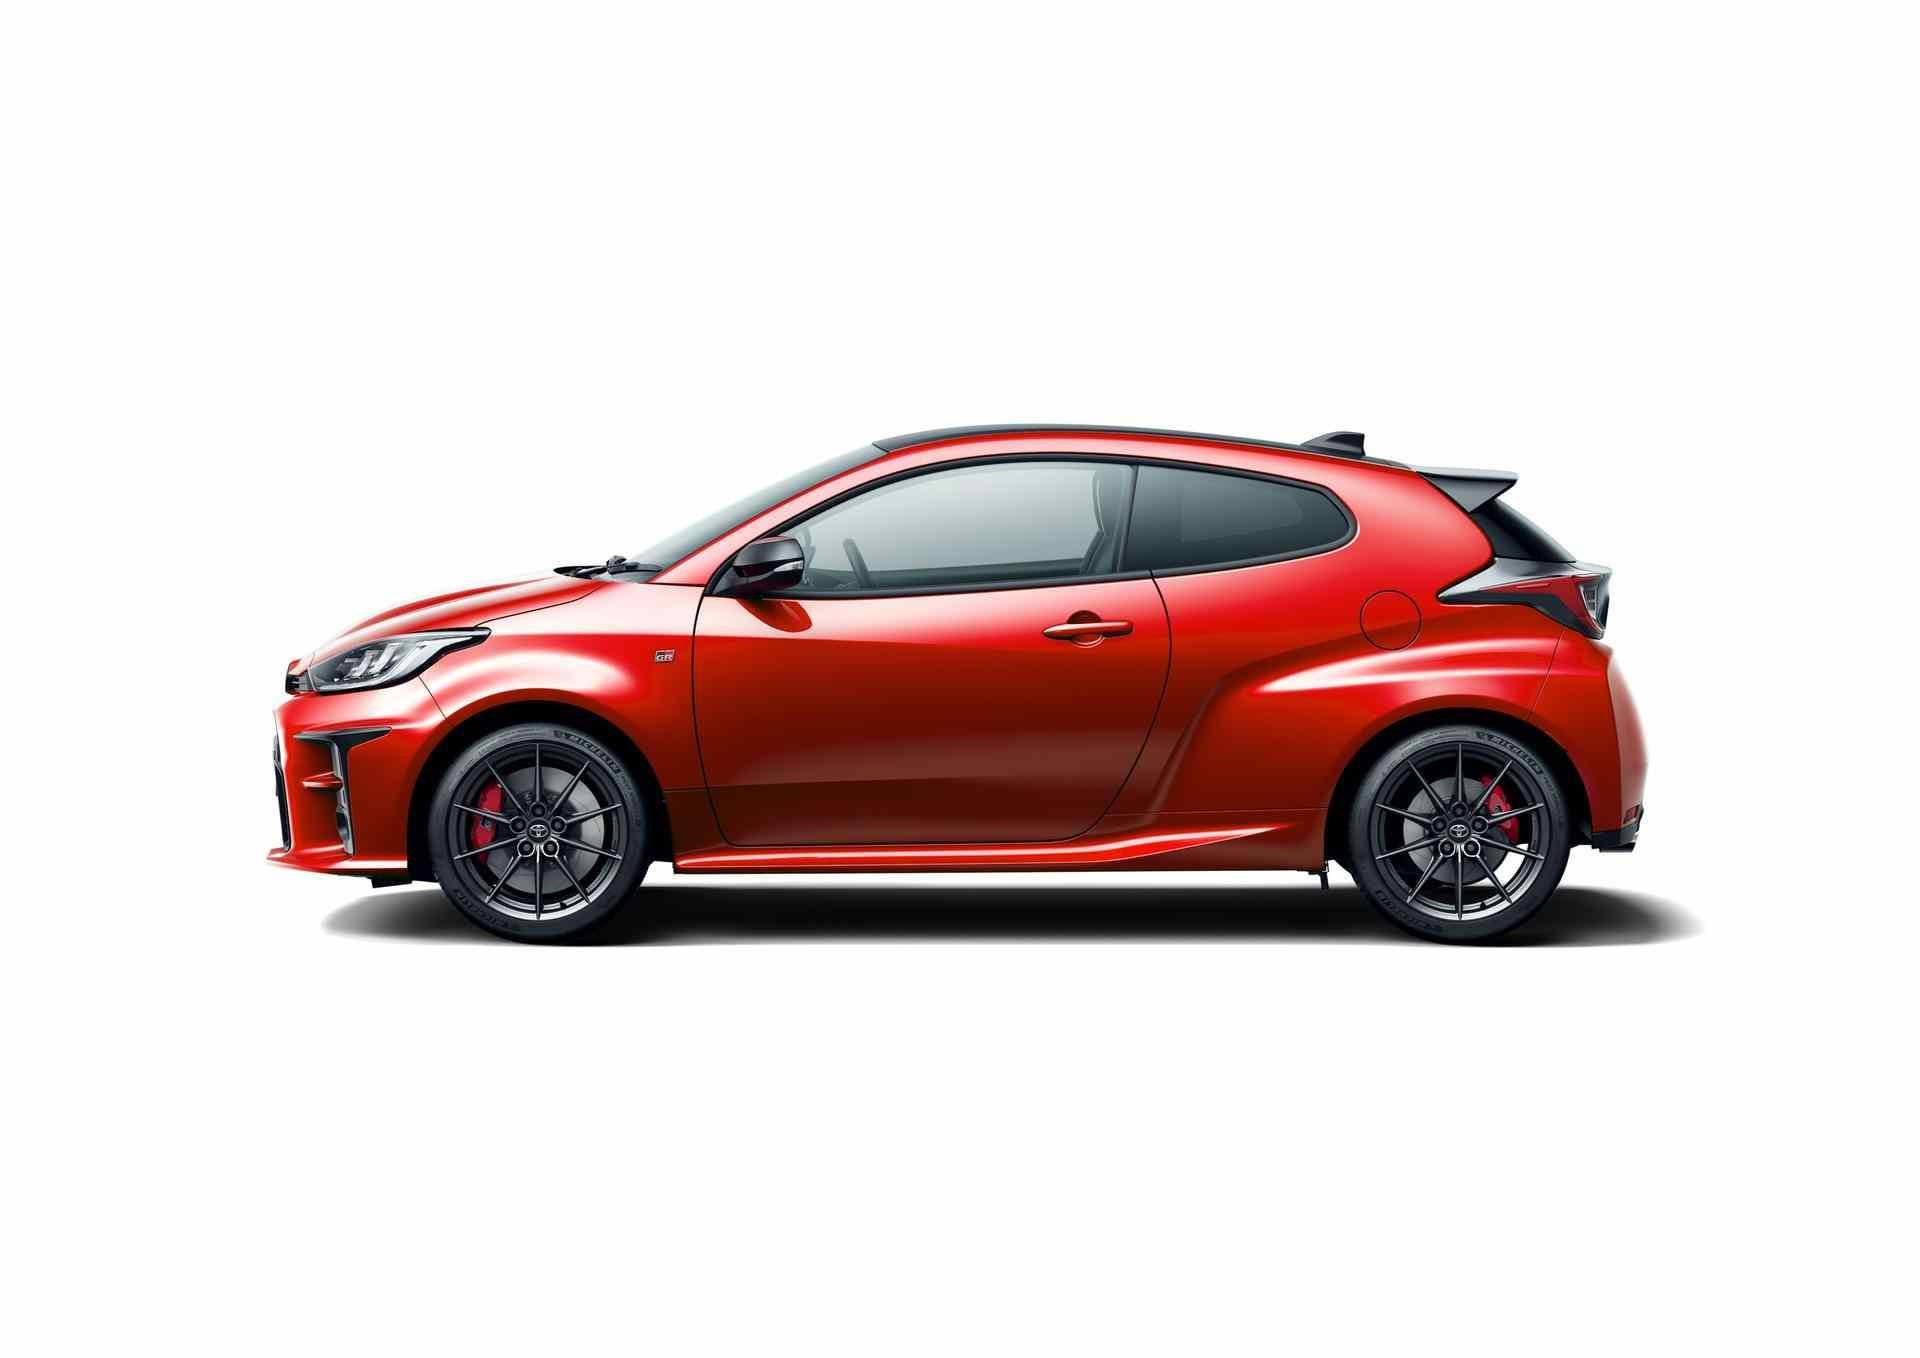 Toyota_GR_Yaris_JDM_0050